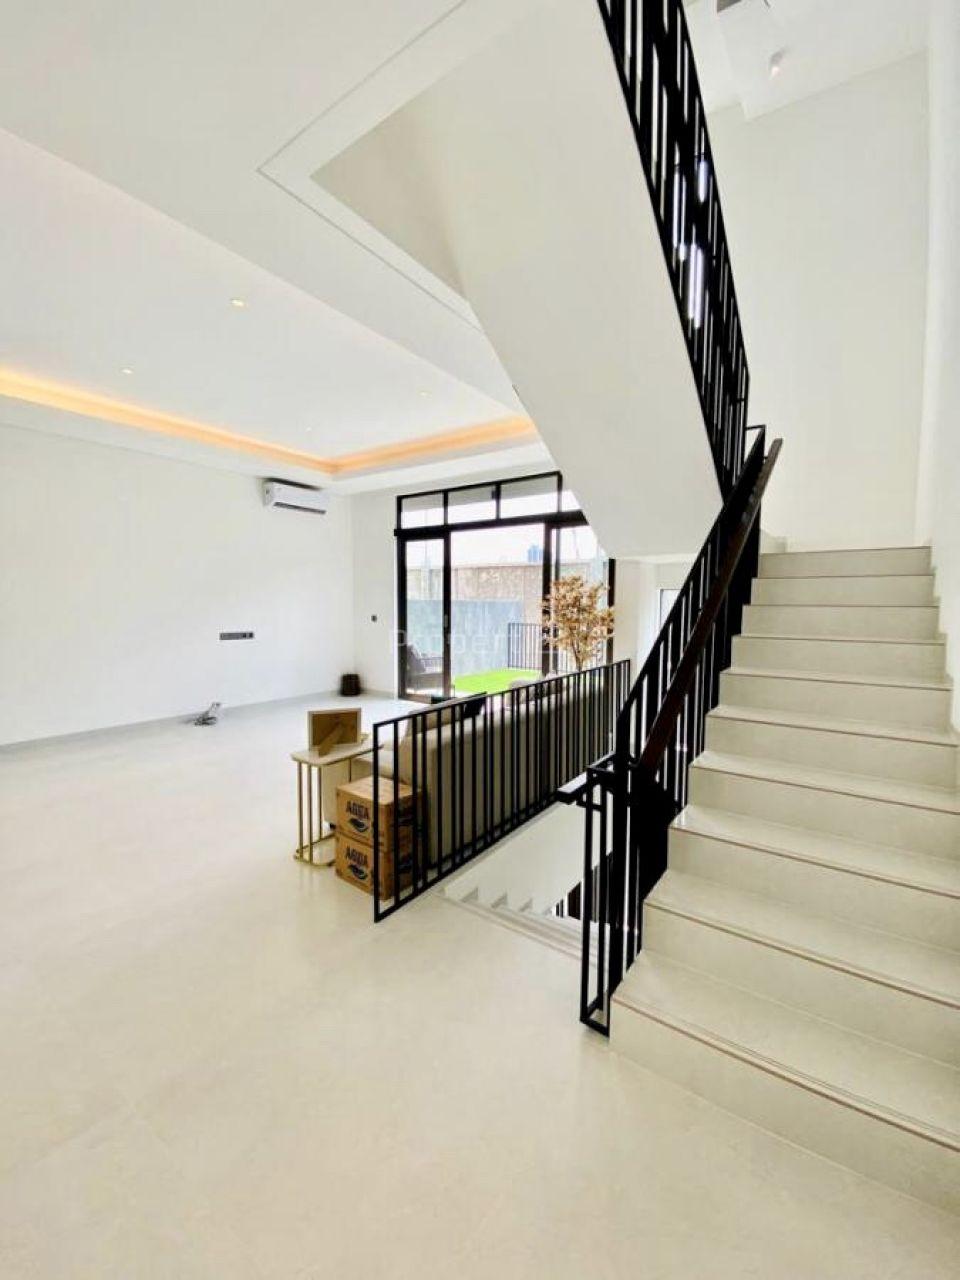 Rumah Townhouse Baru di Kemang, Jakarta Selatan, Jakarta Selatan